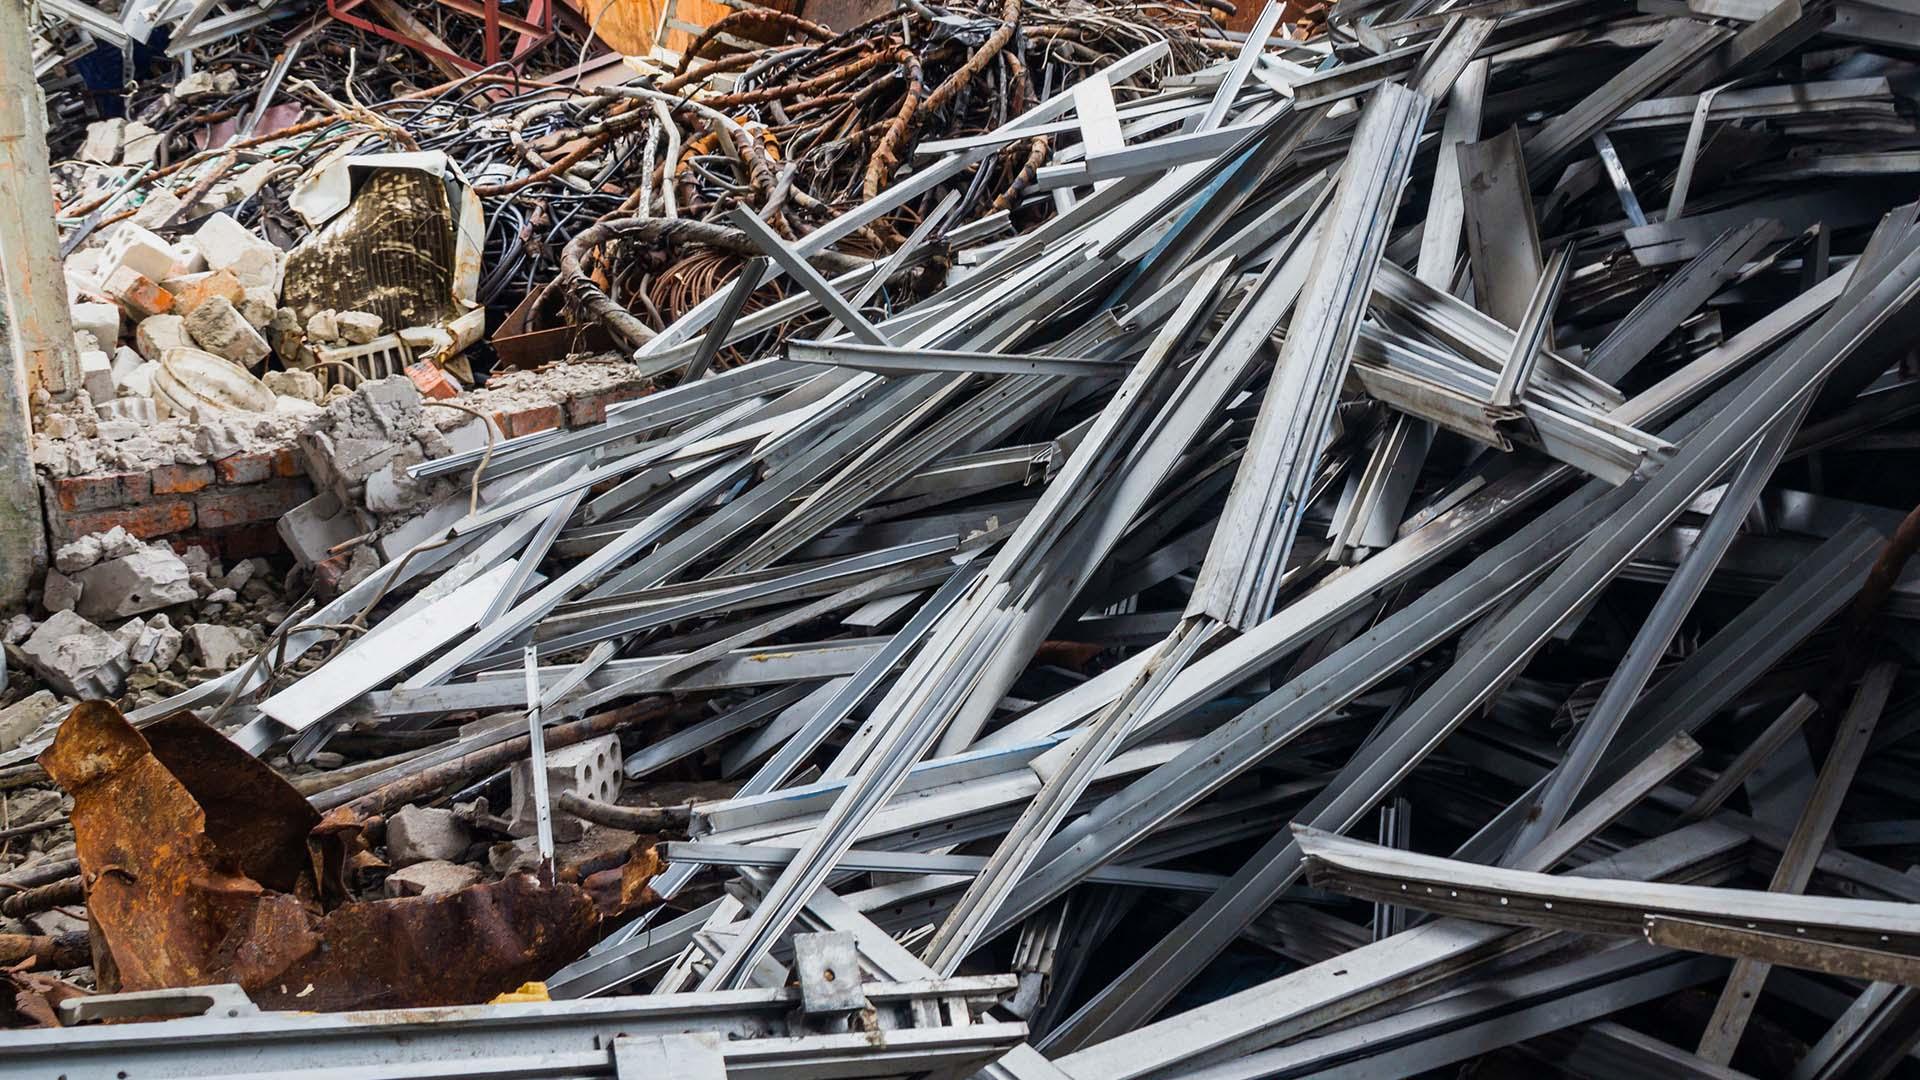 Alüminyum Hurda Panel ve çatılarda kullanılan bir tür olan Alüminyum Hurda genellikle tercih edilme sebebi dayanıklı olmasıdır. Bunların kullanım dışında kalmasıyla Alüminyum Hurda levha tasnifine geçer. Alüminyum levha, folyodan daha kalın ancak 6 mm'den daha ince olan herhangi bir alüminyum sacdır.